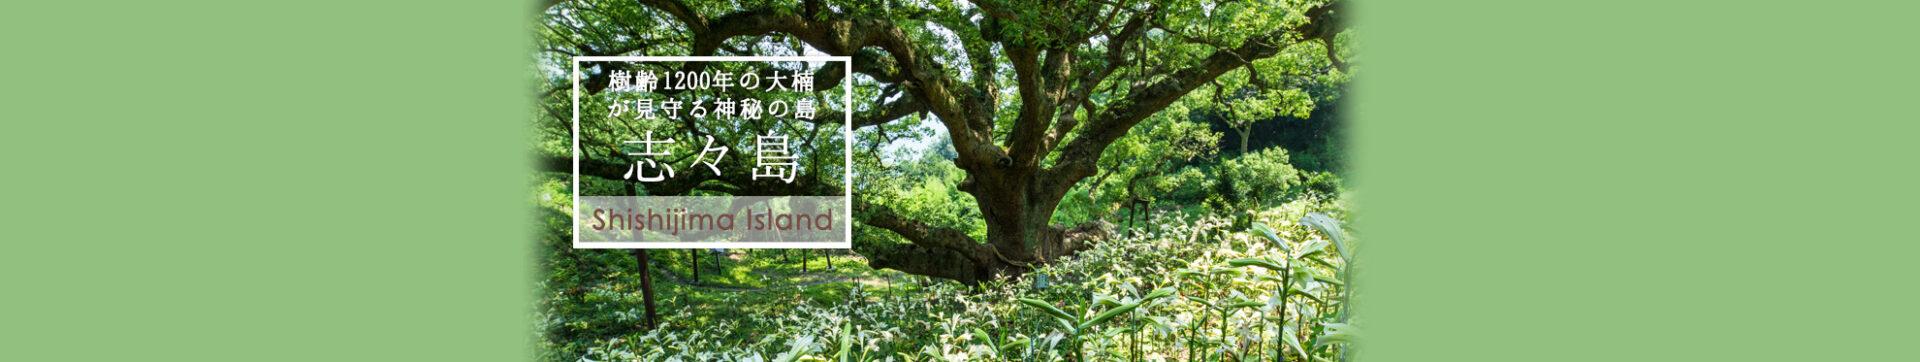 樹齢1200年の大楠が見守る神秘の島志々島